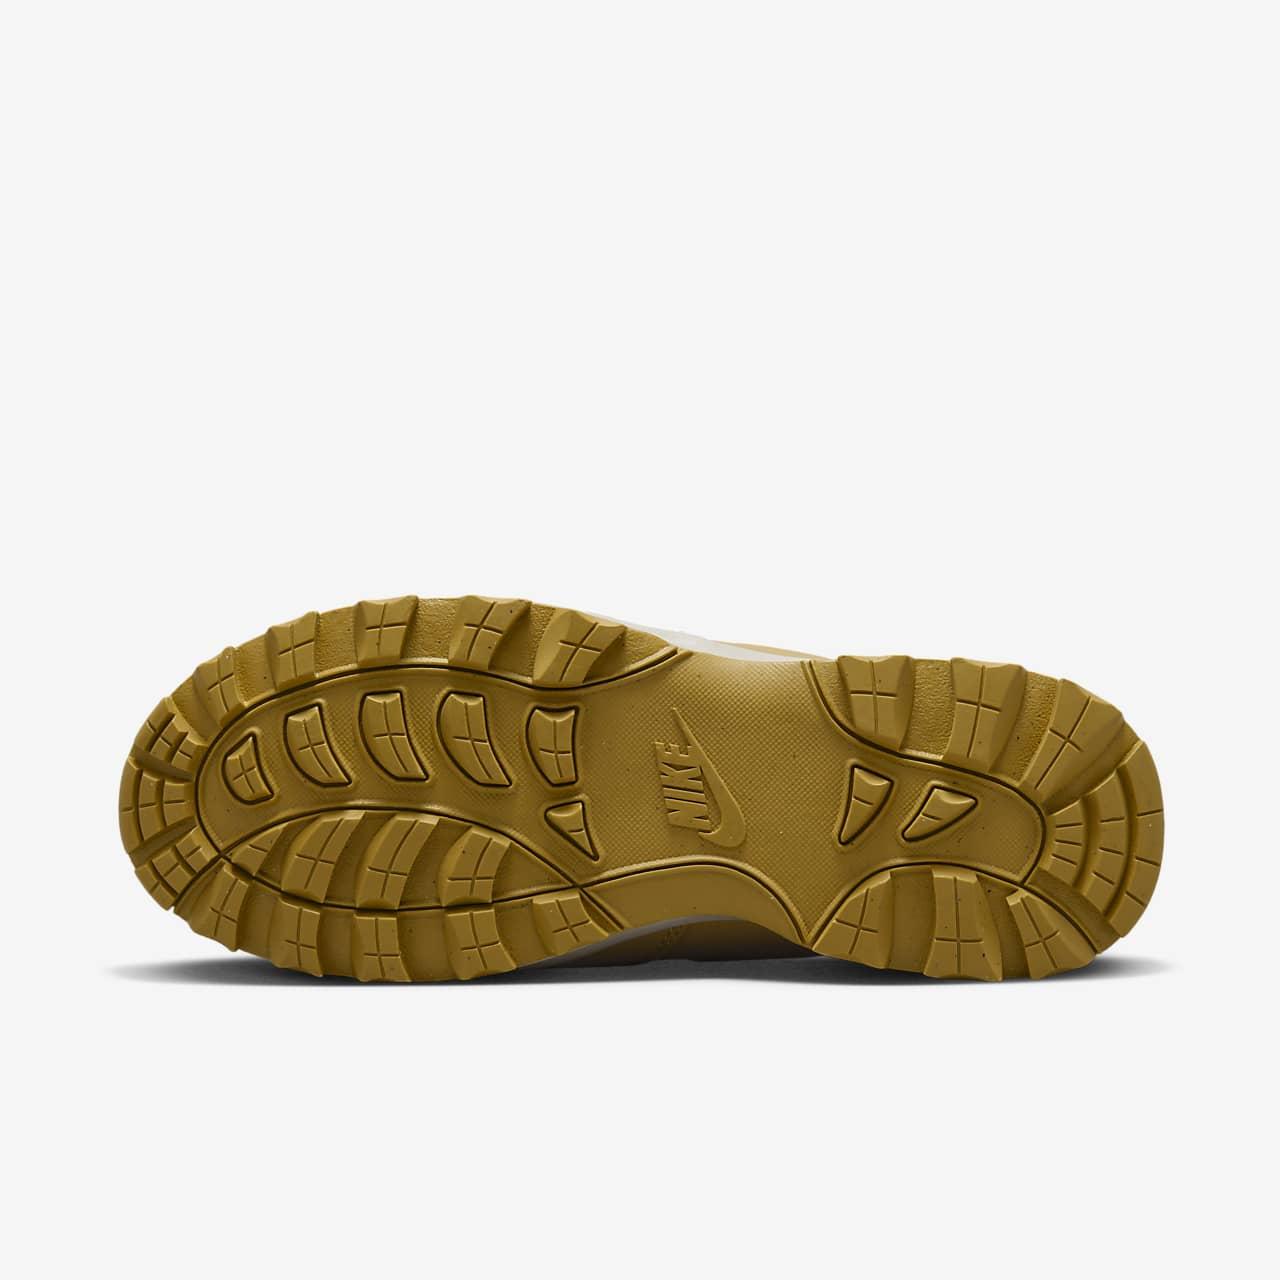 best website 2ba83 fdc87 Low Resolution Nike Manoa Men s Boot Nike Manoa Men s Boot